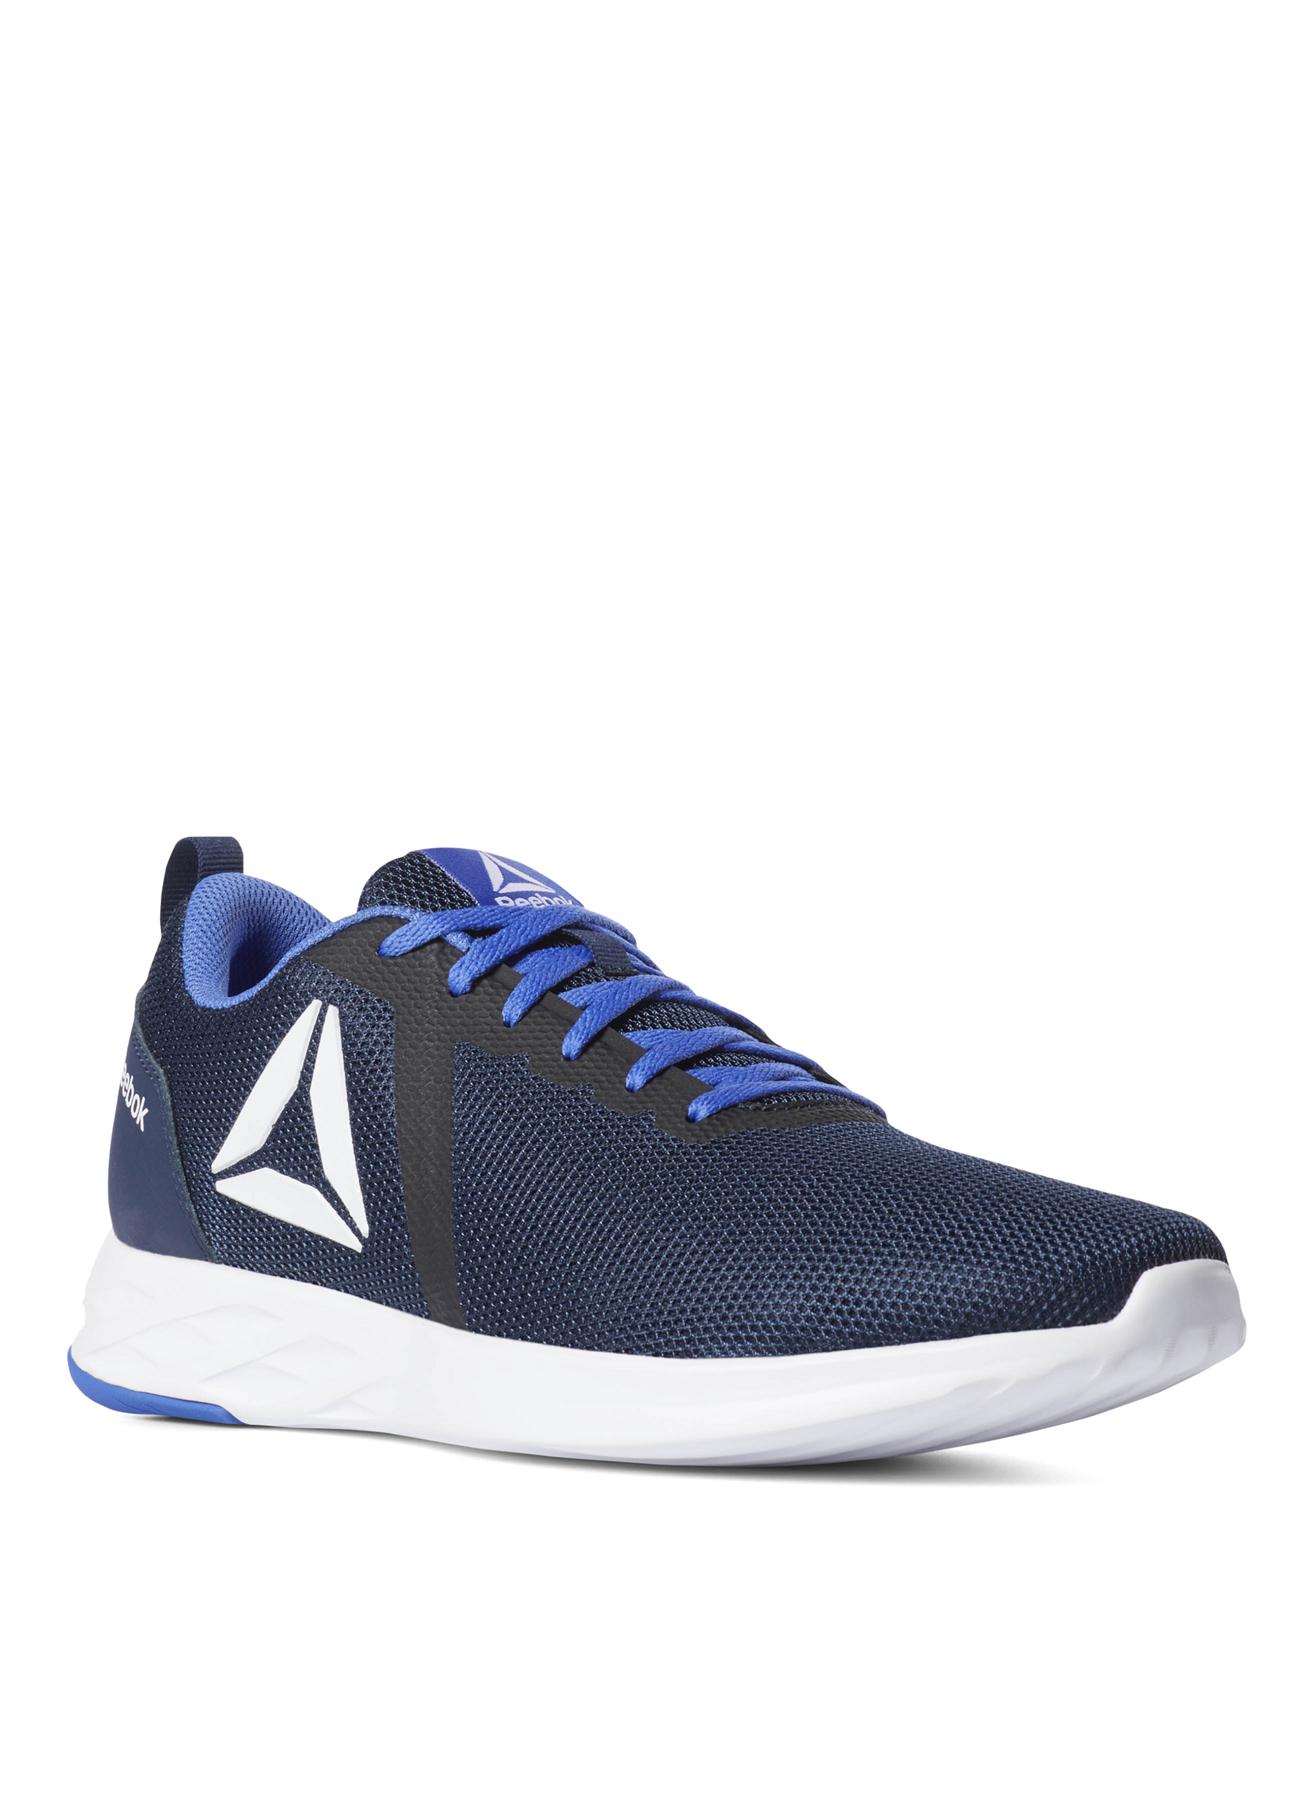 Reebok Koşu Ayakkabısı 43 5002359582004 Ürün Resmi